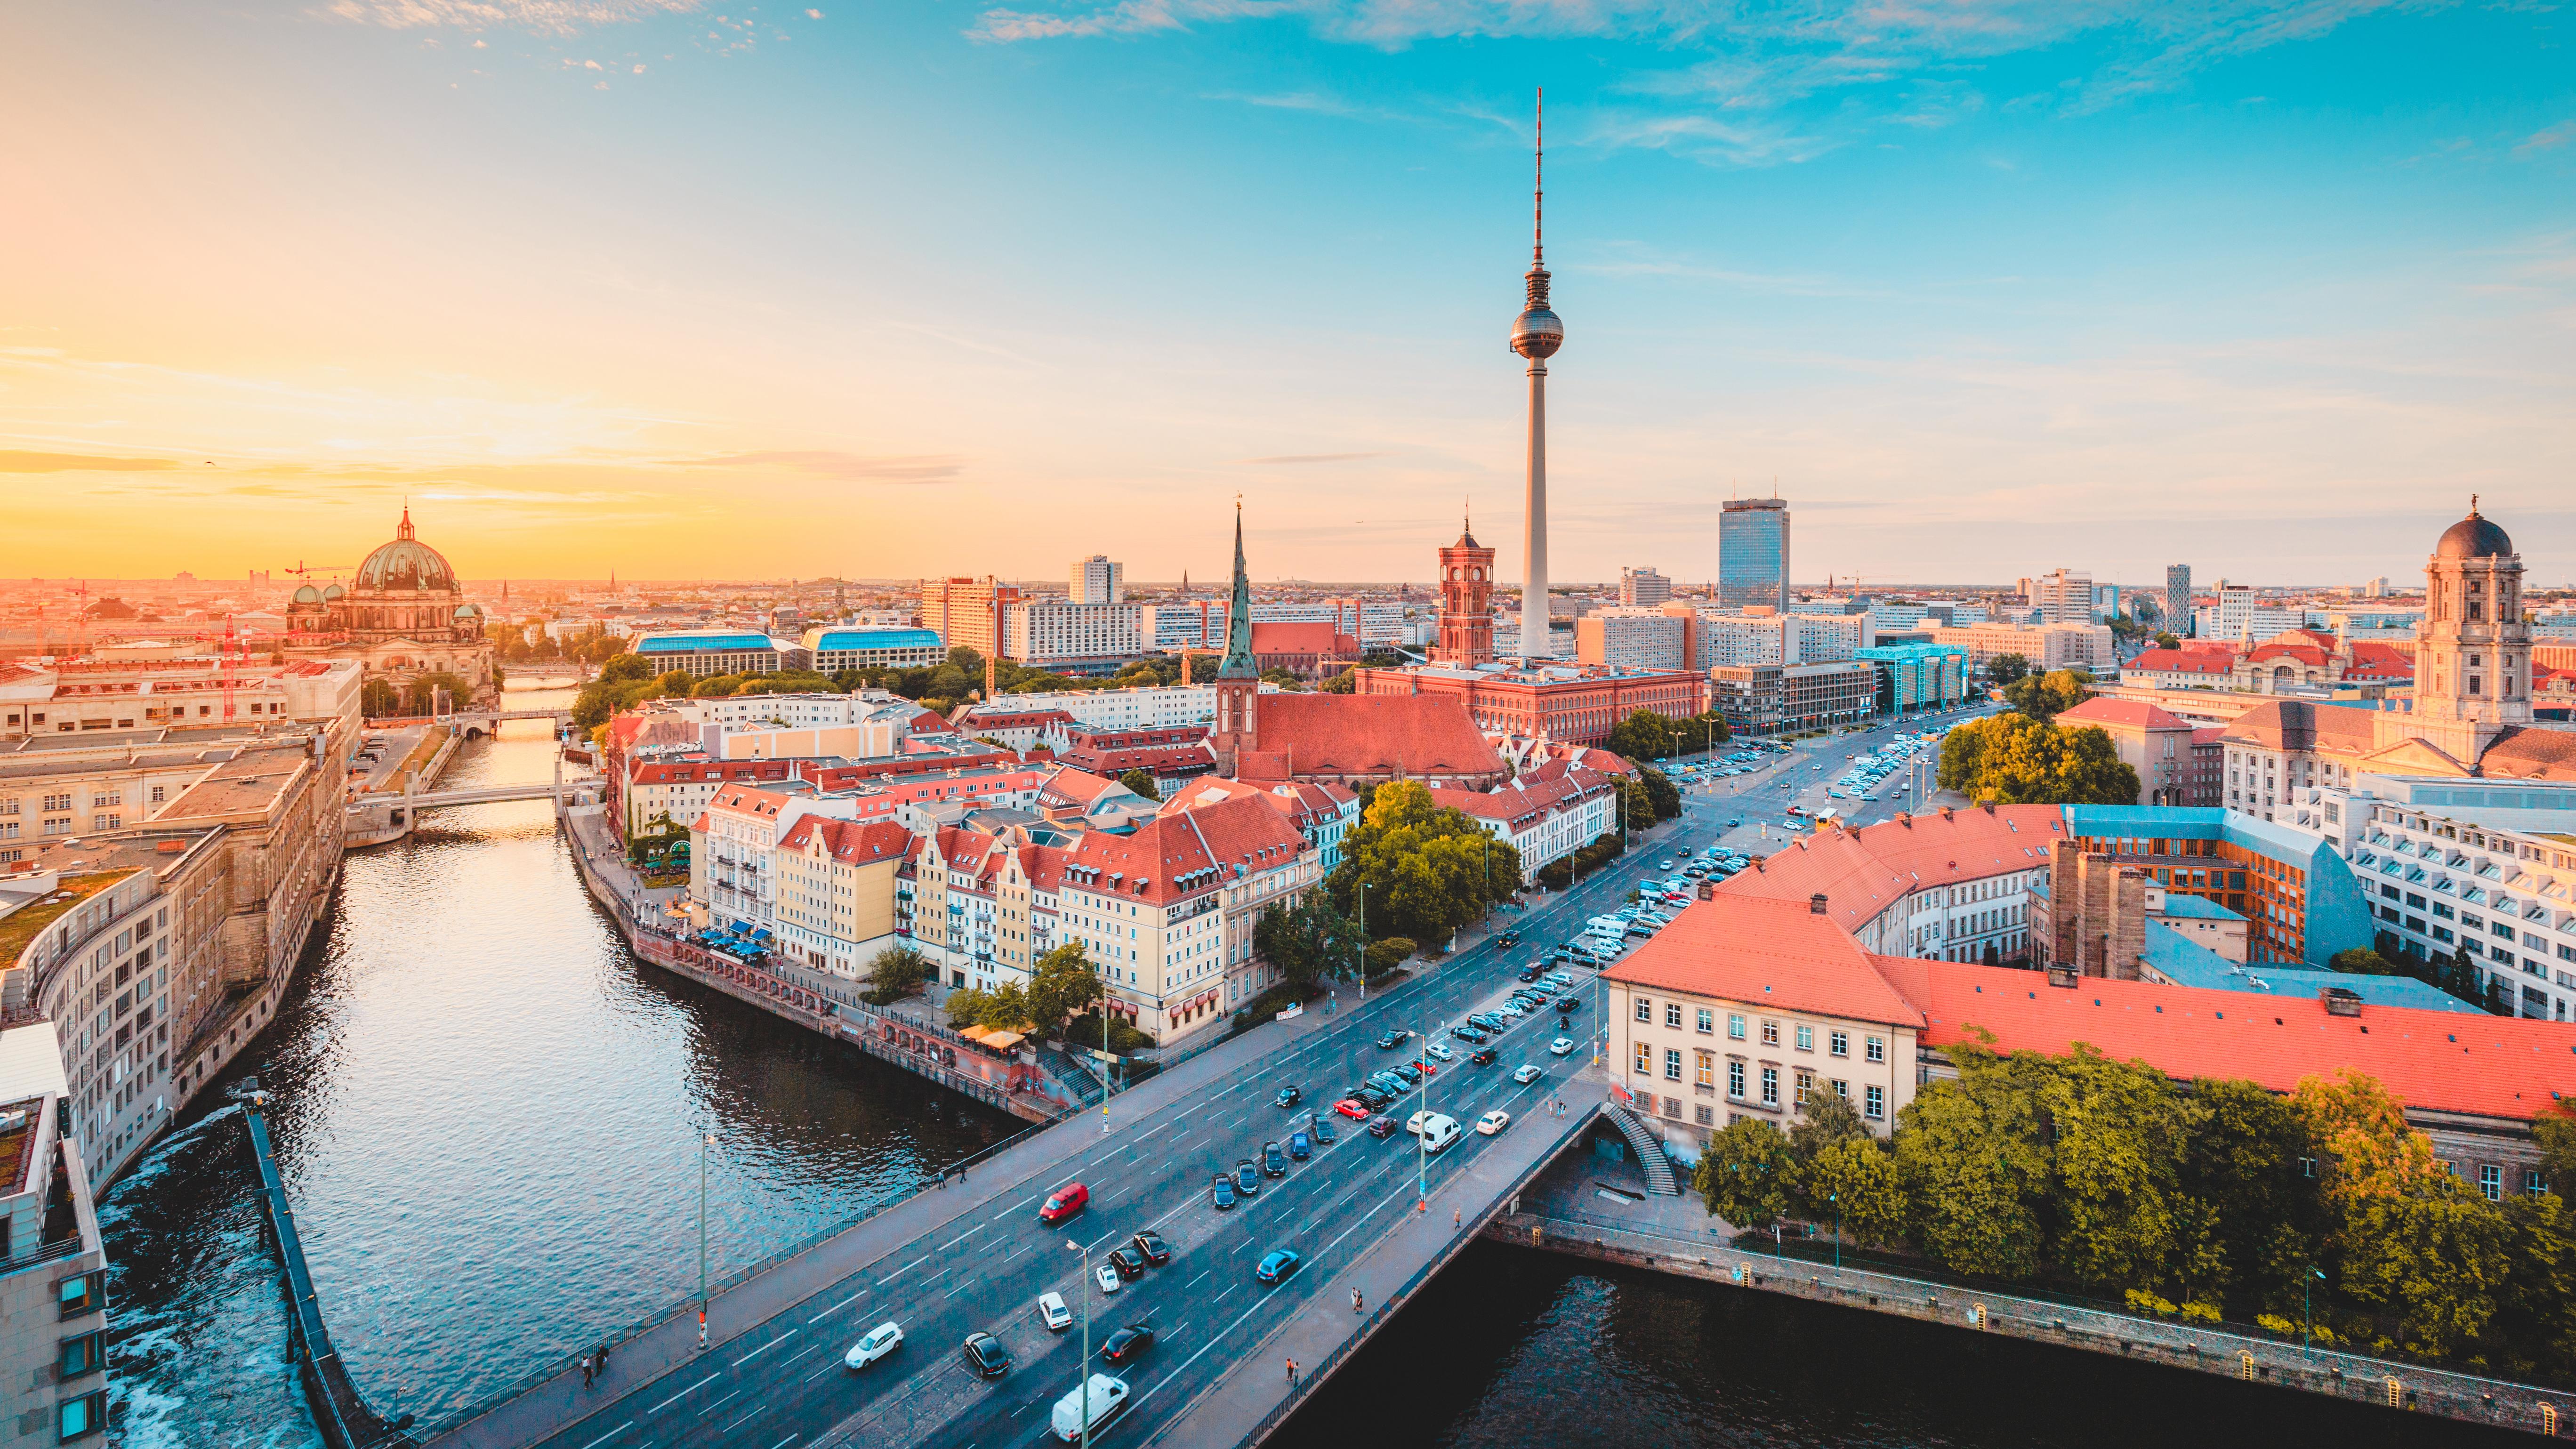 Как переехать в Германию на ПМЖ из России и других стран СНГ